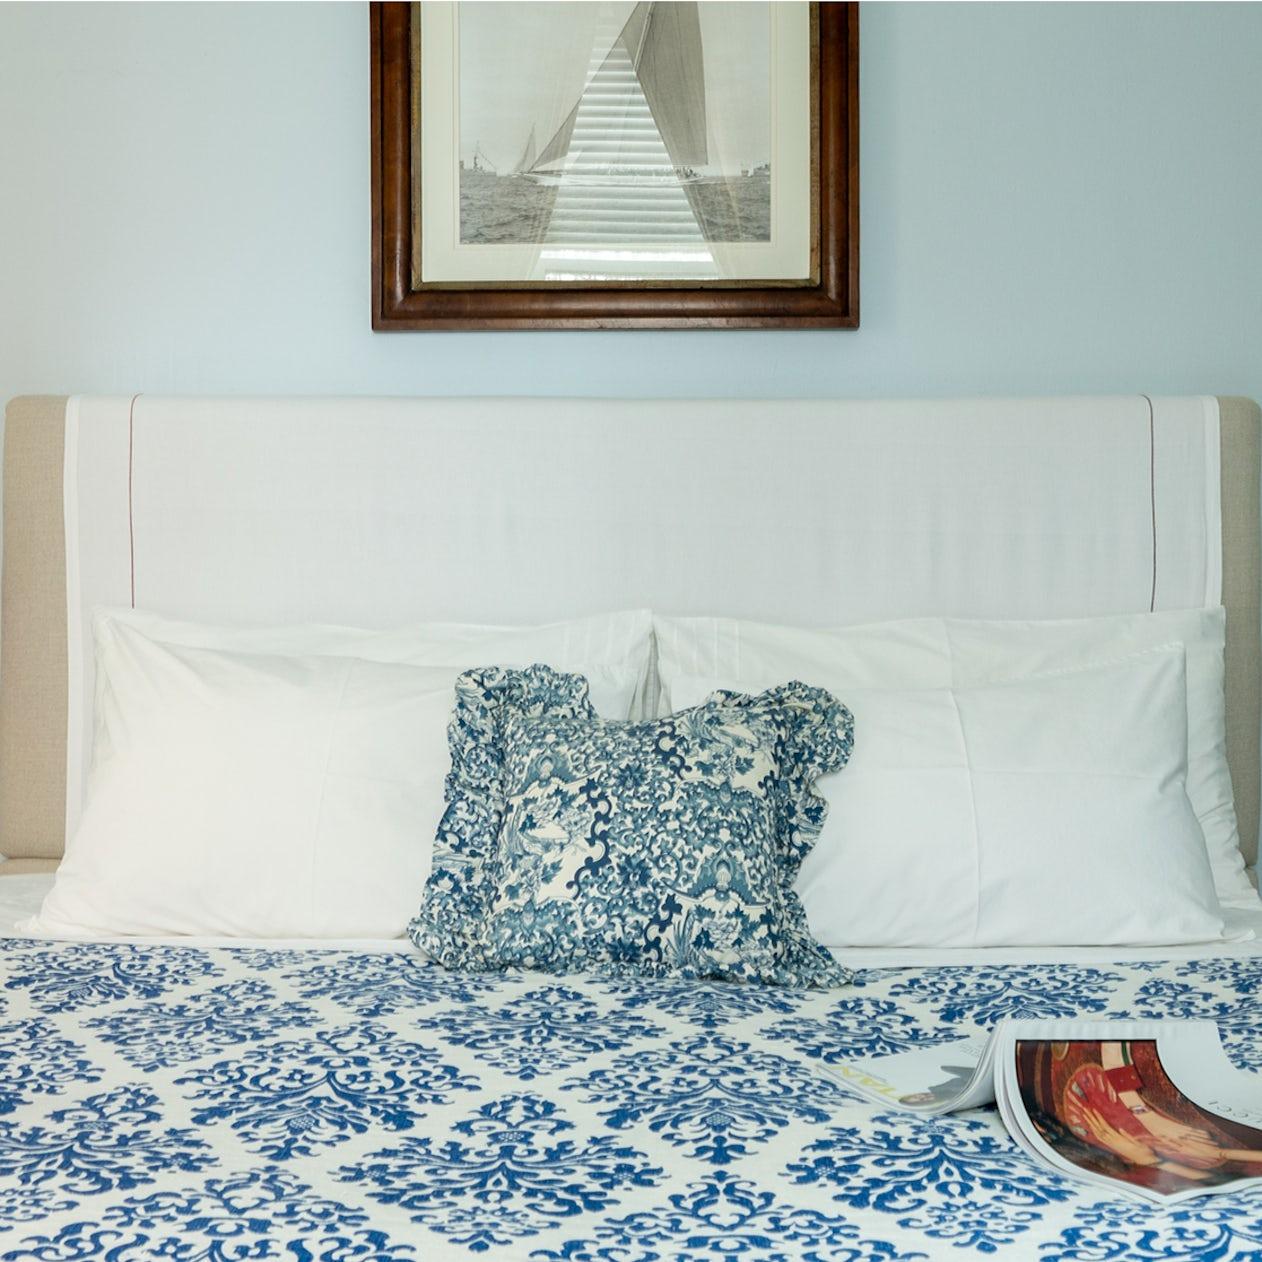 Miraculous Blue Museum Upper East Side New York The Plum Guide Short Links Chair Design For Home Short Linksinfo